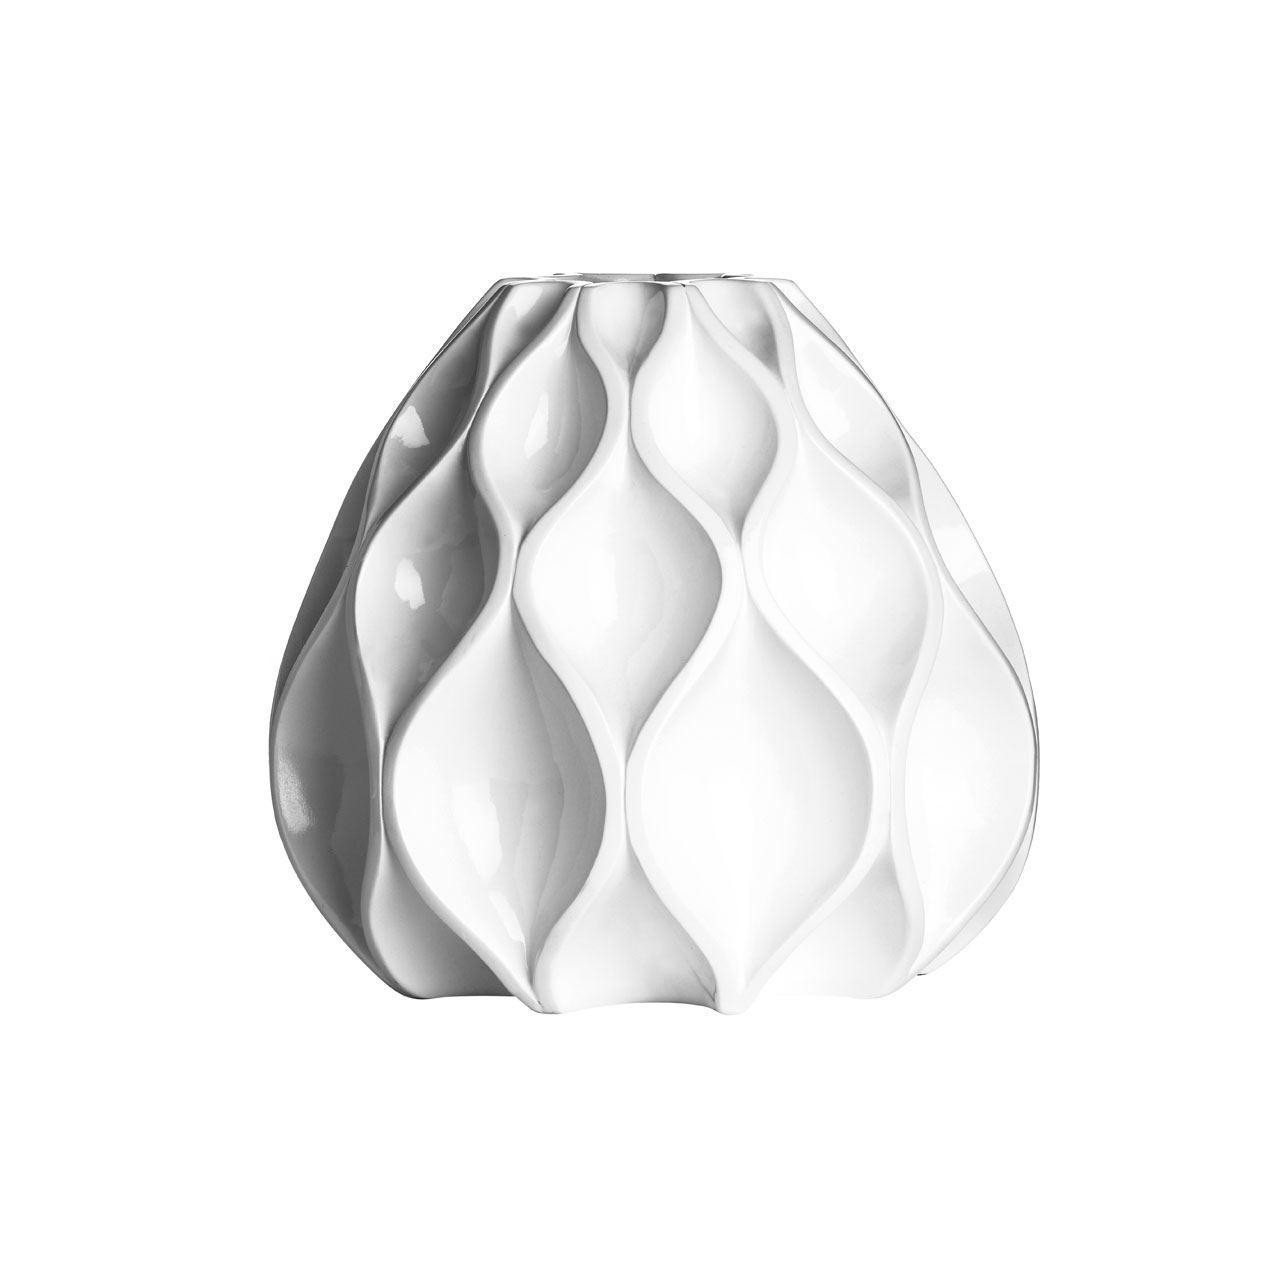 Decor Vase,Polyresin,White High Gloss Finish